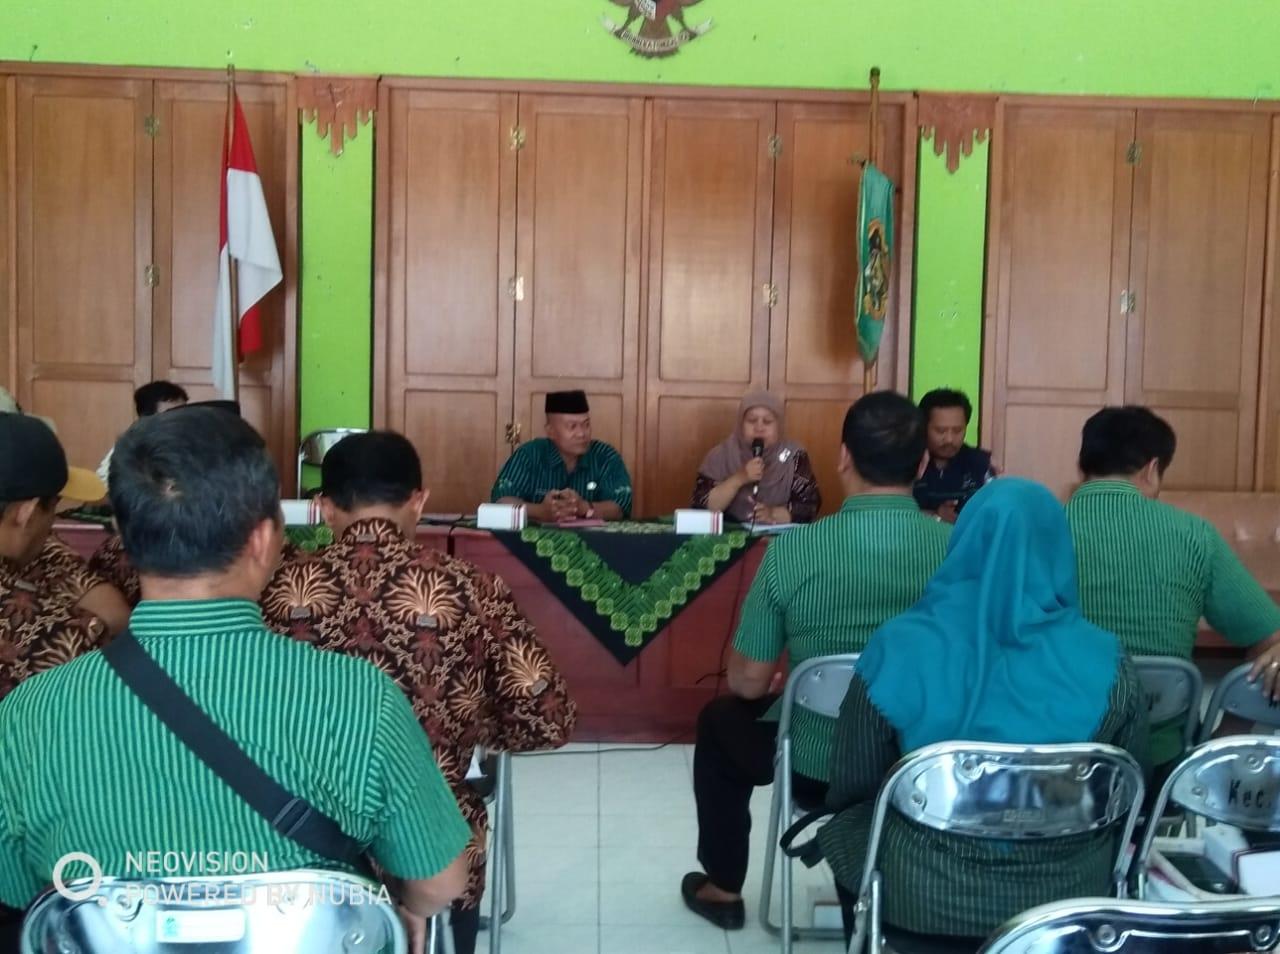 Penerimaan Tamu Studi Banding dari Kec Rawalo Kab Banyumas